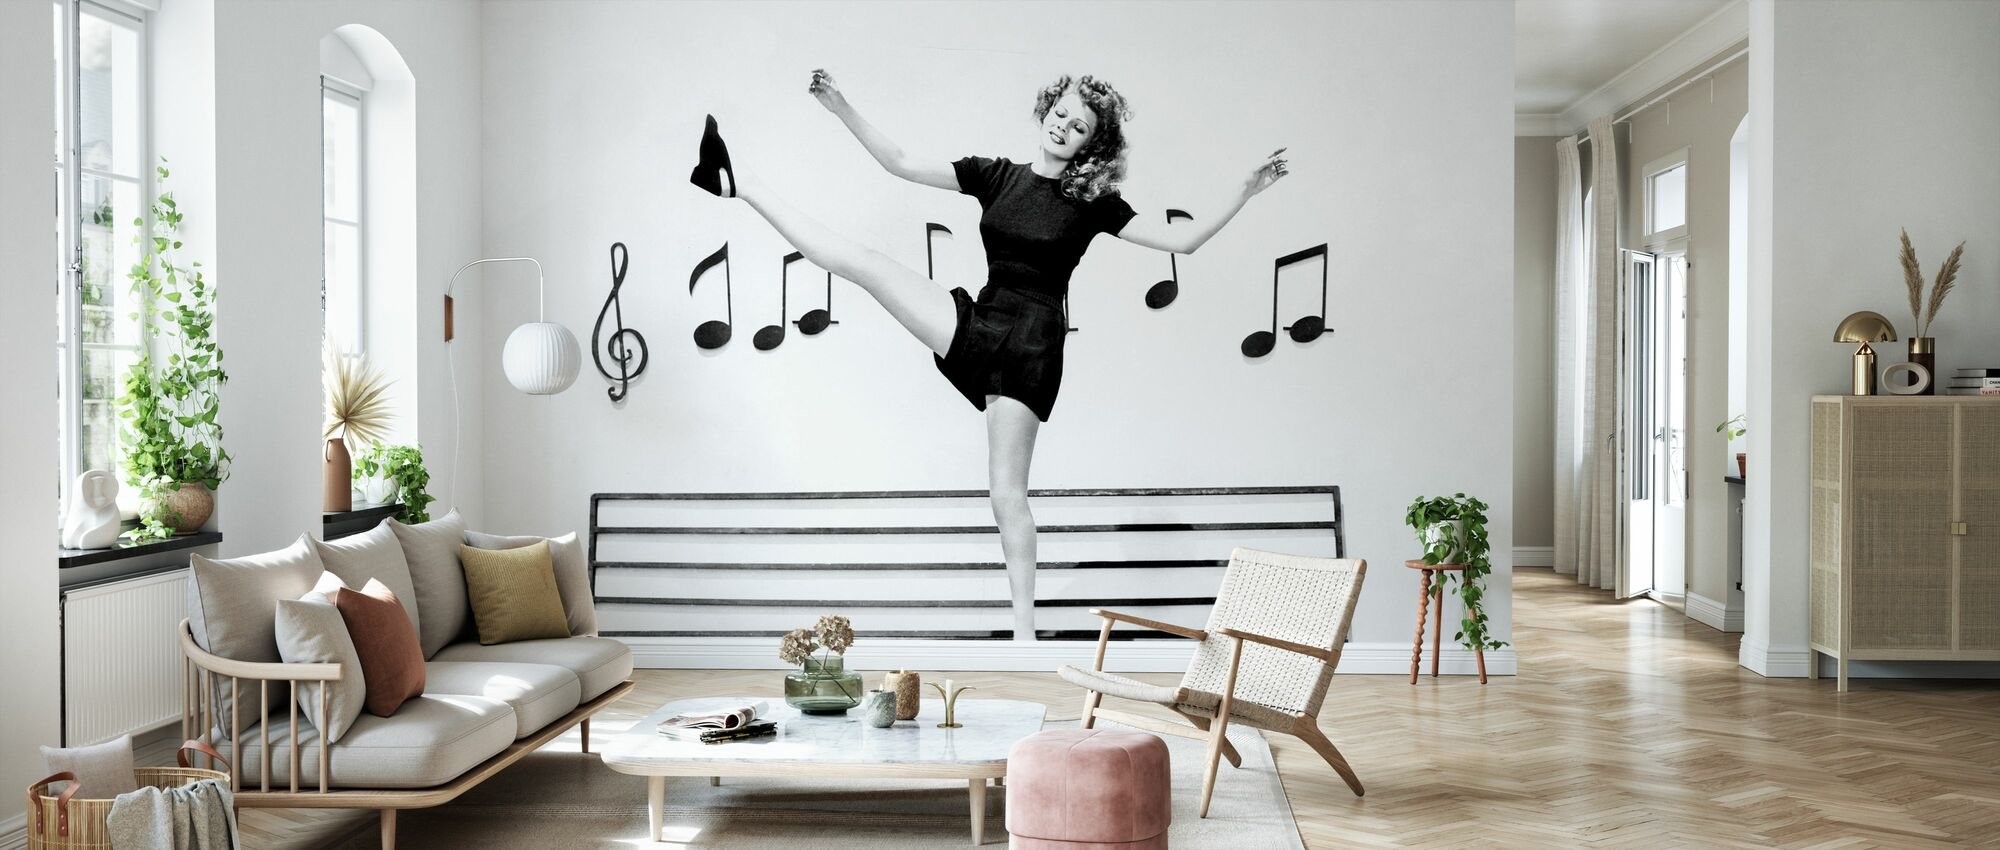 Cover Girl - Wallpaper - Living Room